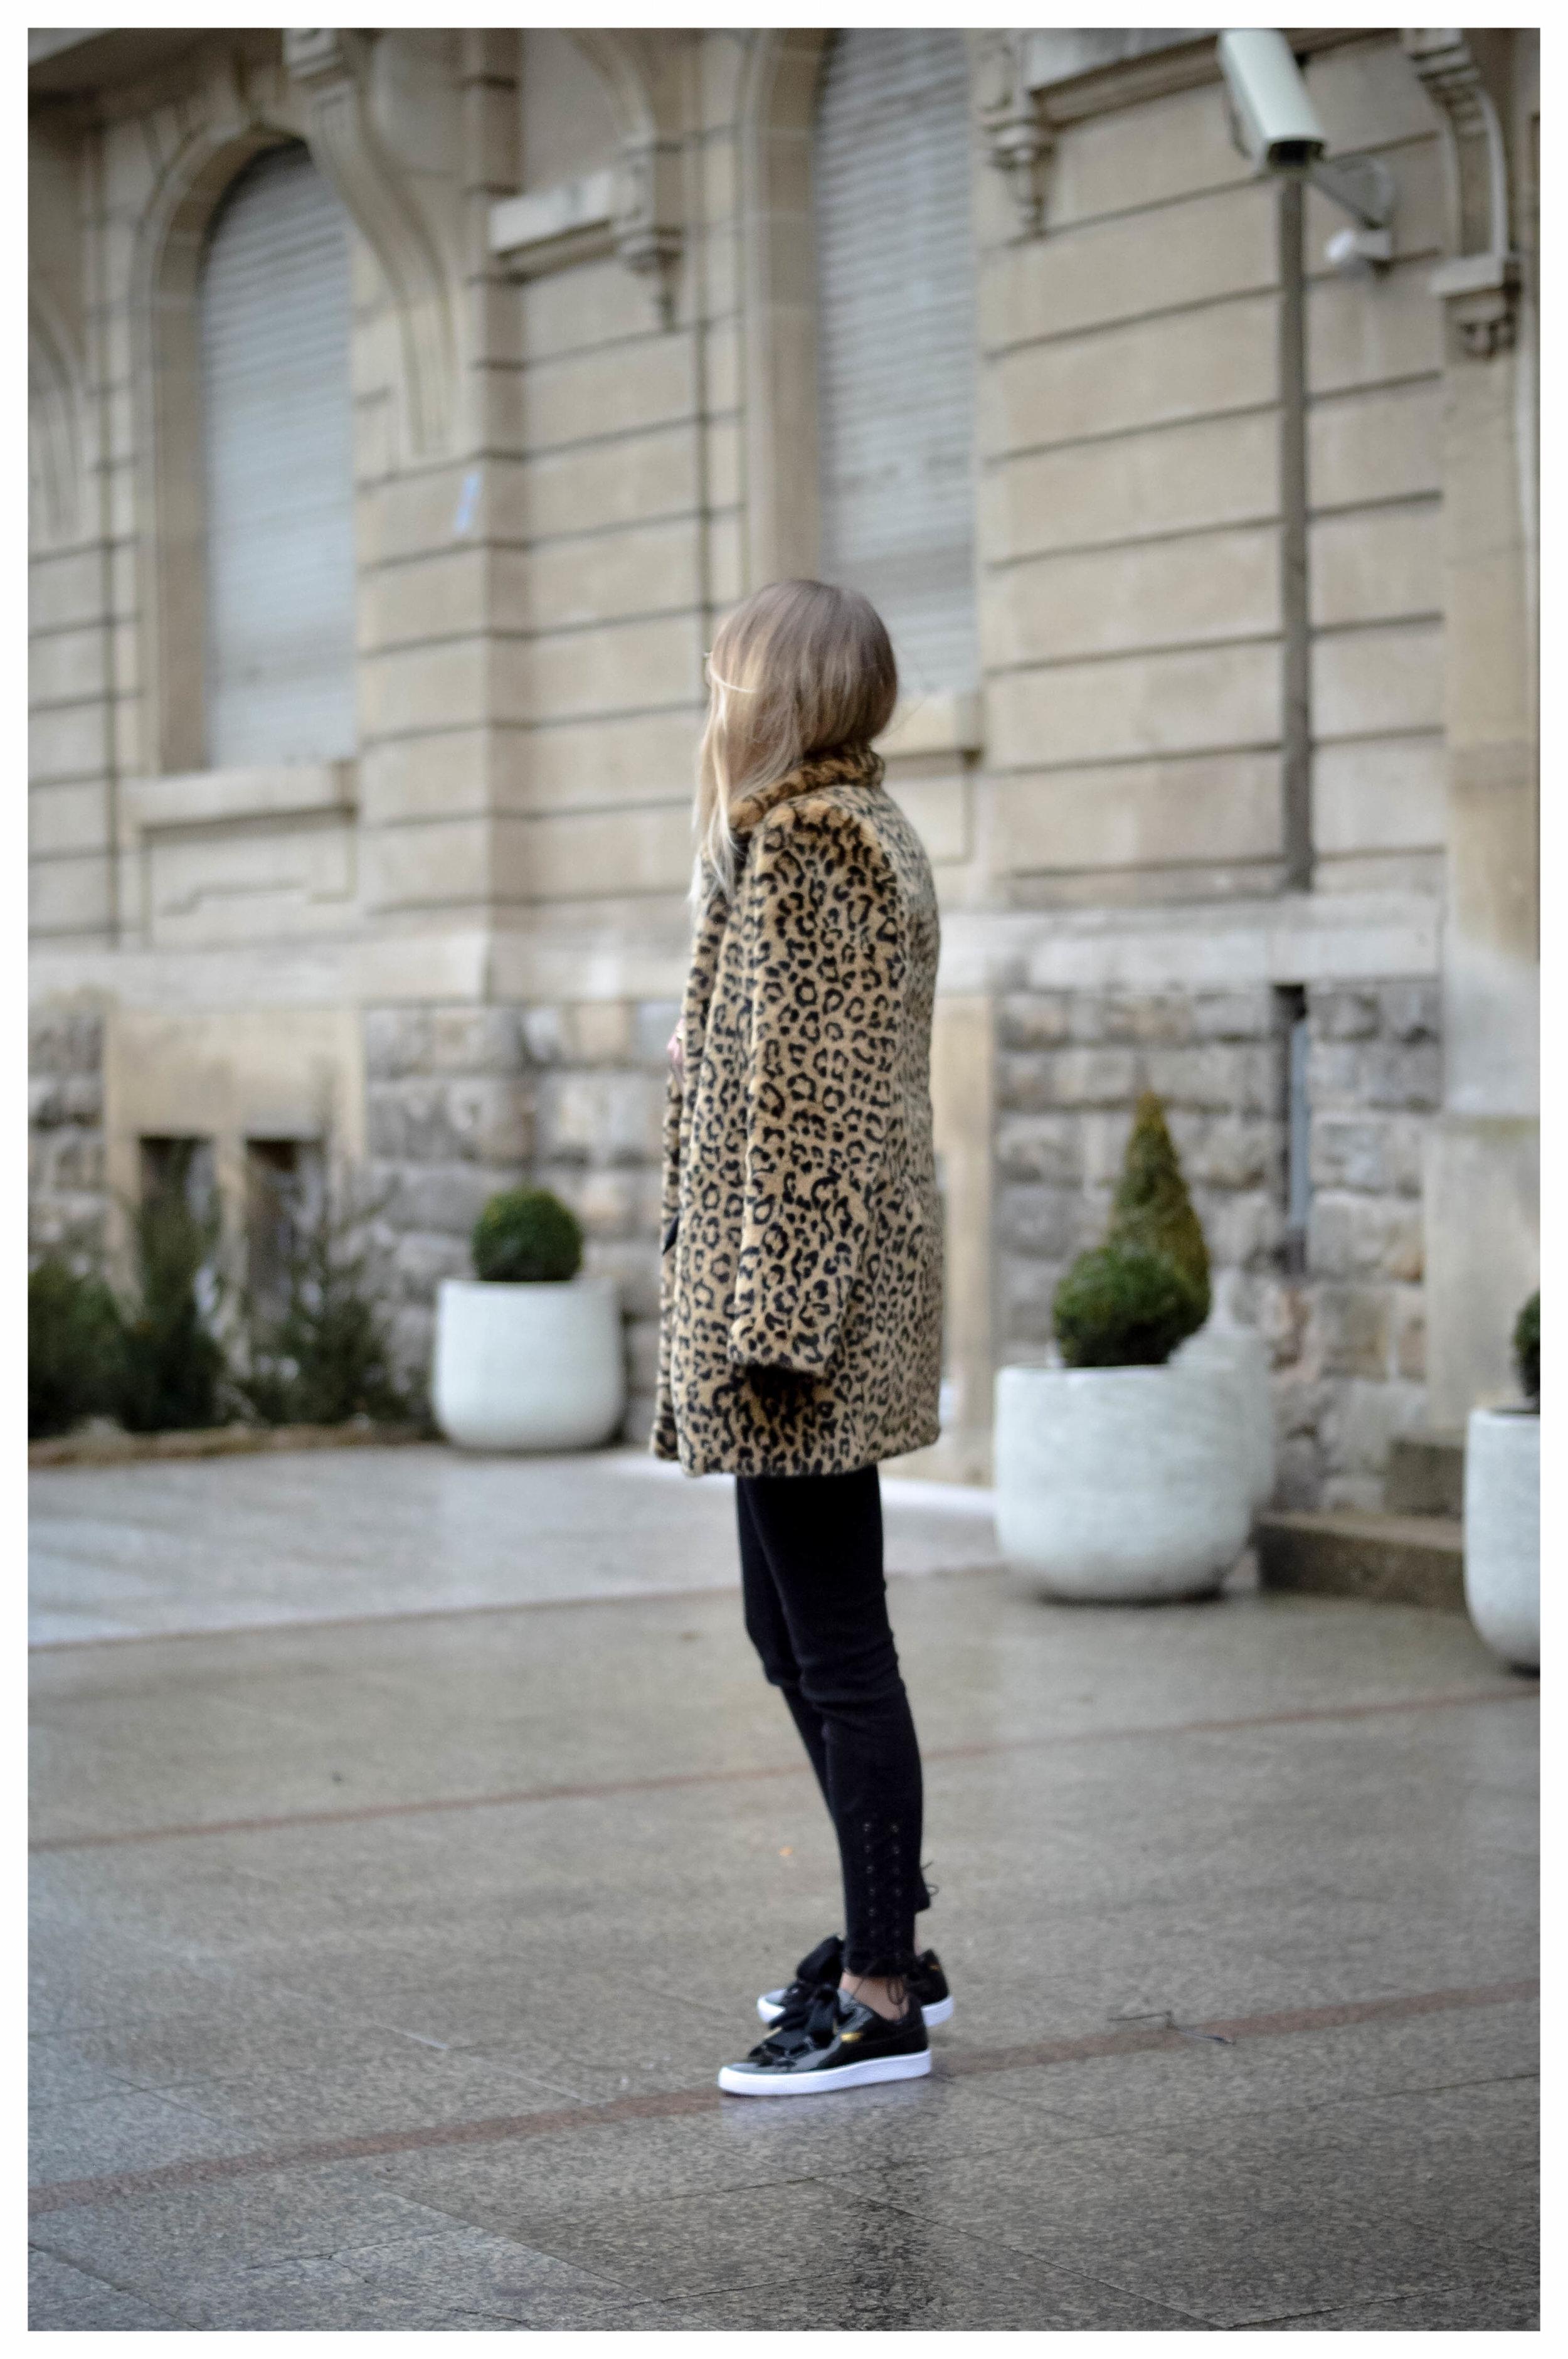 Leopard Jacket Lux - OSIARAH.COM (25 sur 38).jpg